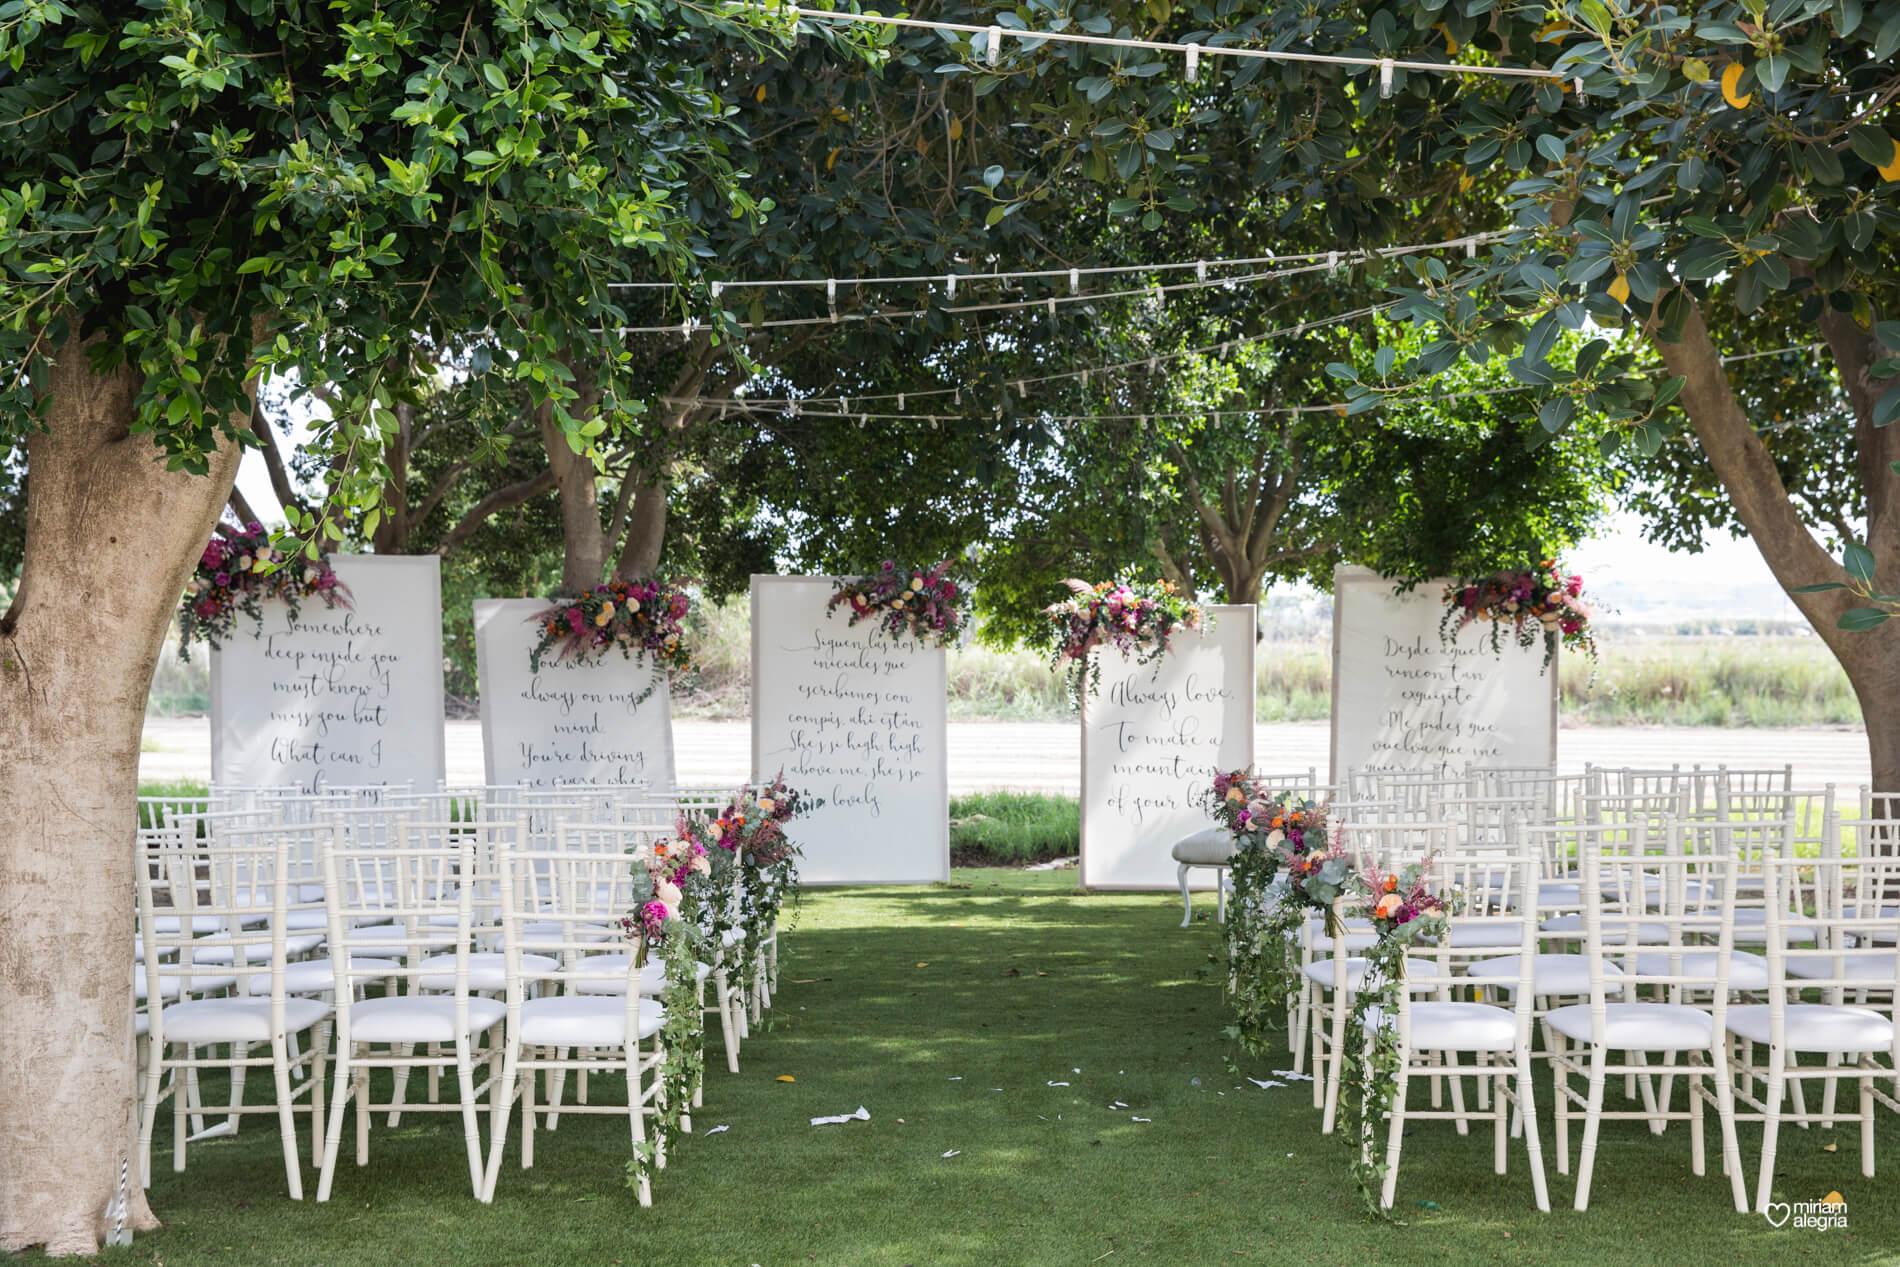 boda-en-finca-villa-vera-de-alemc7-miriam-alegria-fotografos-boda-murcia-95